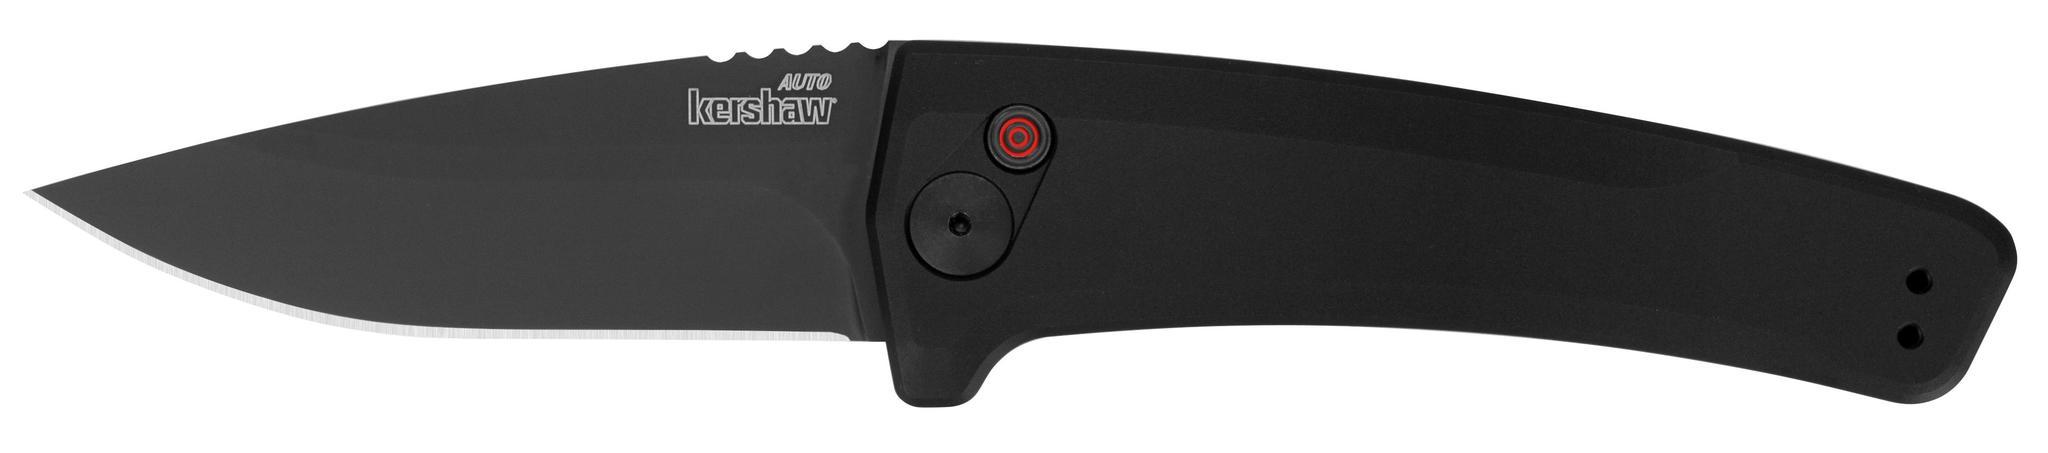 Полуавтоматический складной нож Launch 3 - Kershaw 7300BLK, сталь Crucible CPM® 154, рукоять анодированный алюминий, чёрный